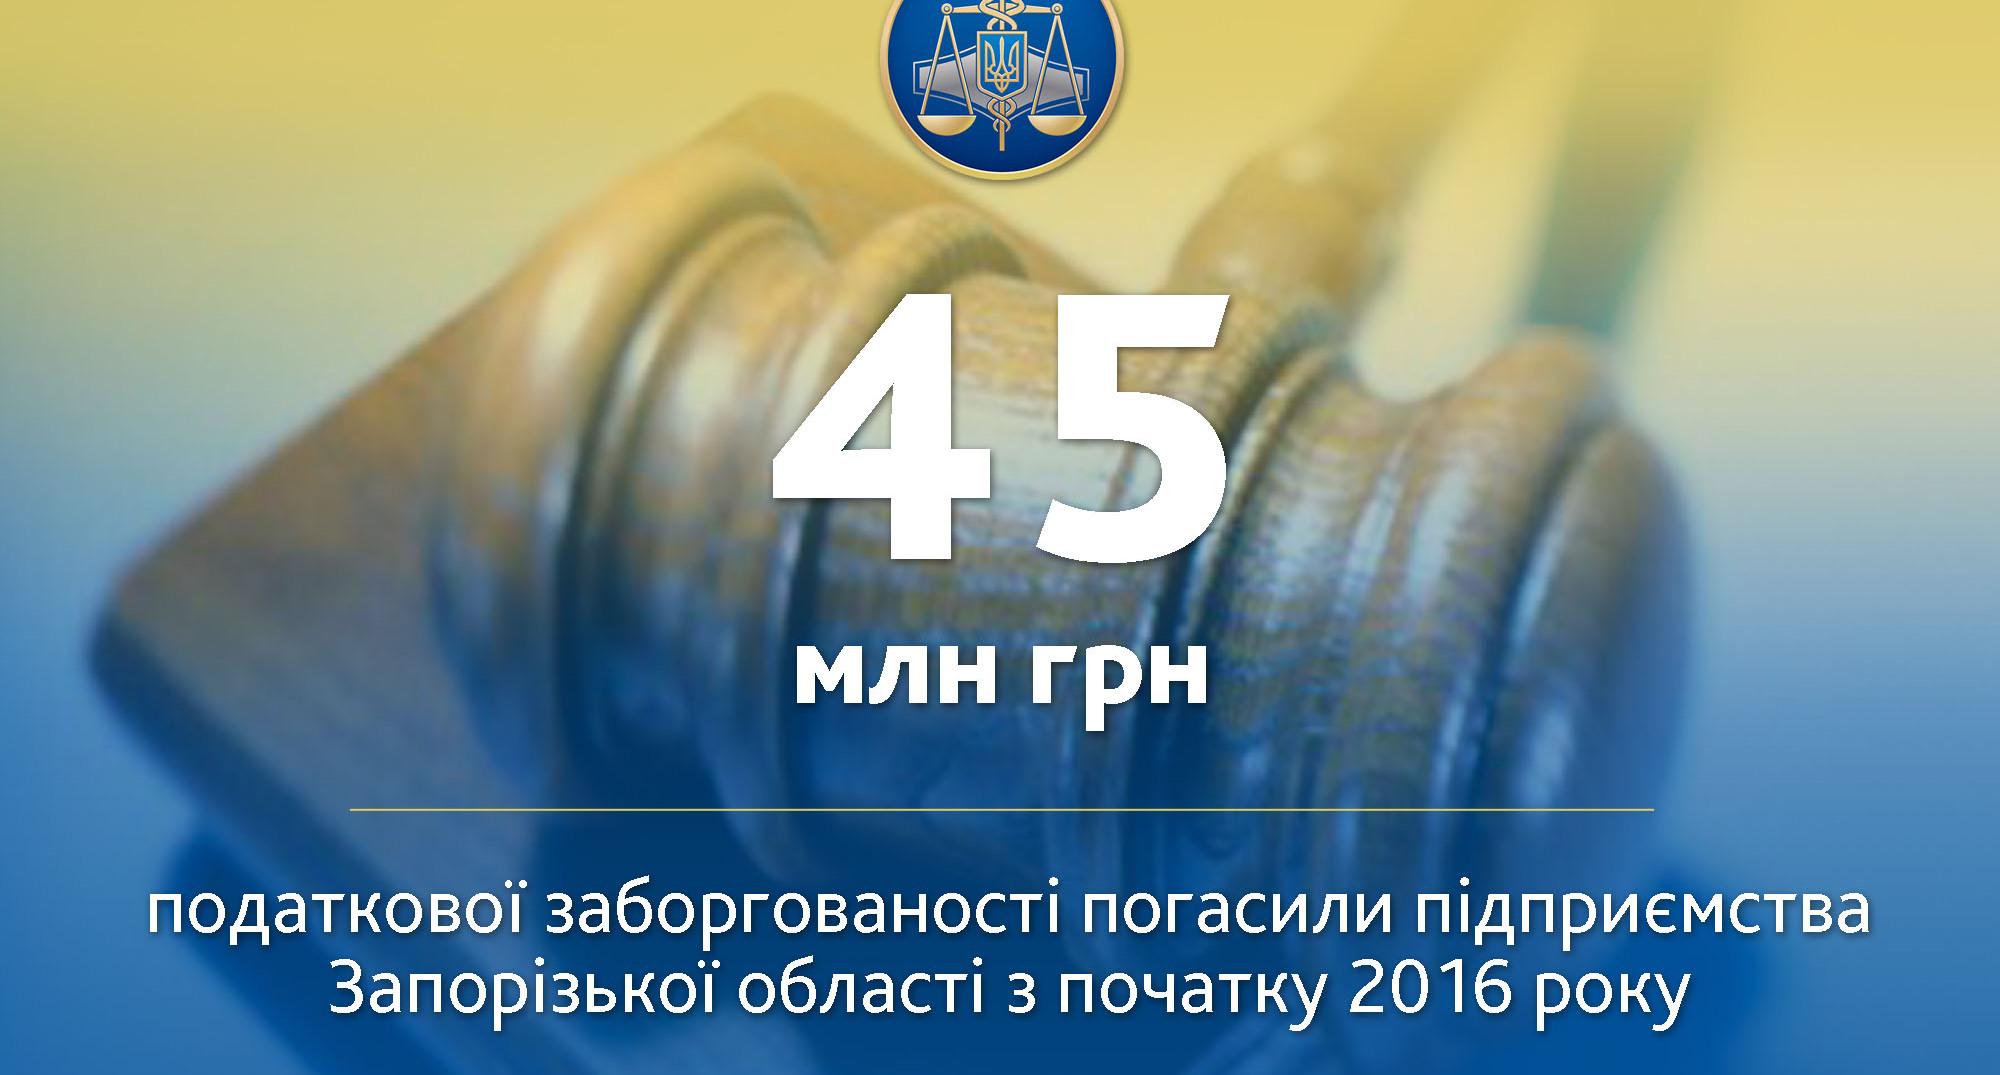 Предприятия-банкроты уплатили в бюджет 120 тыс гривен налогов